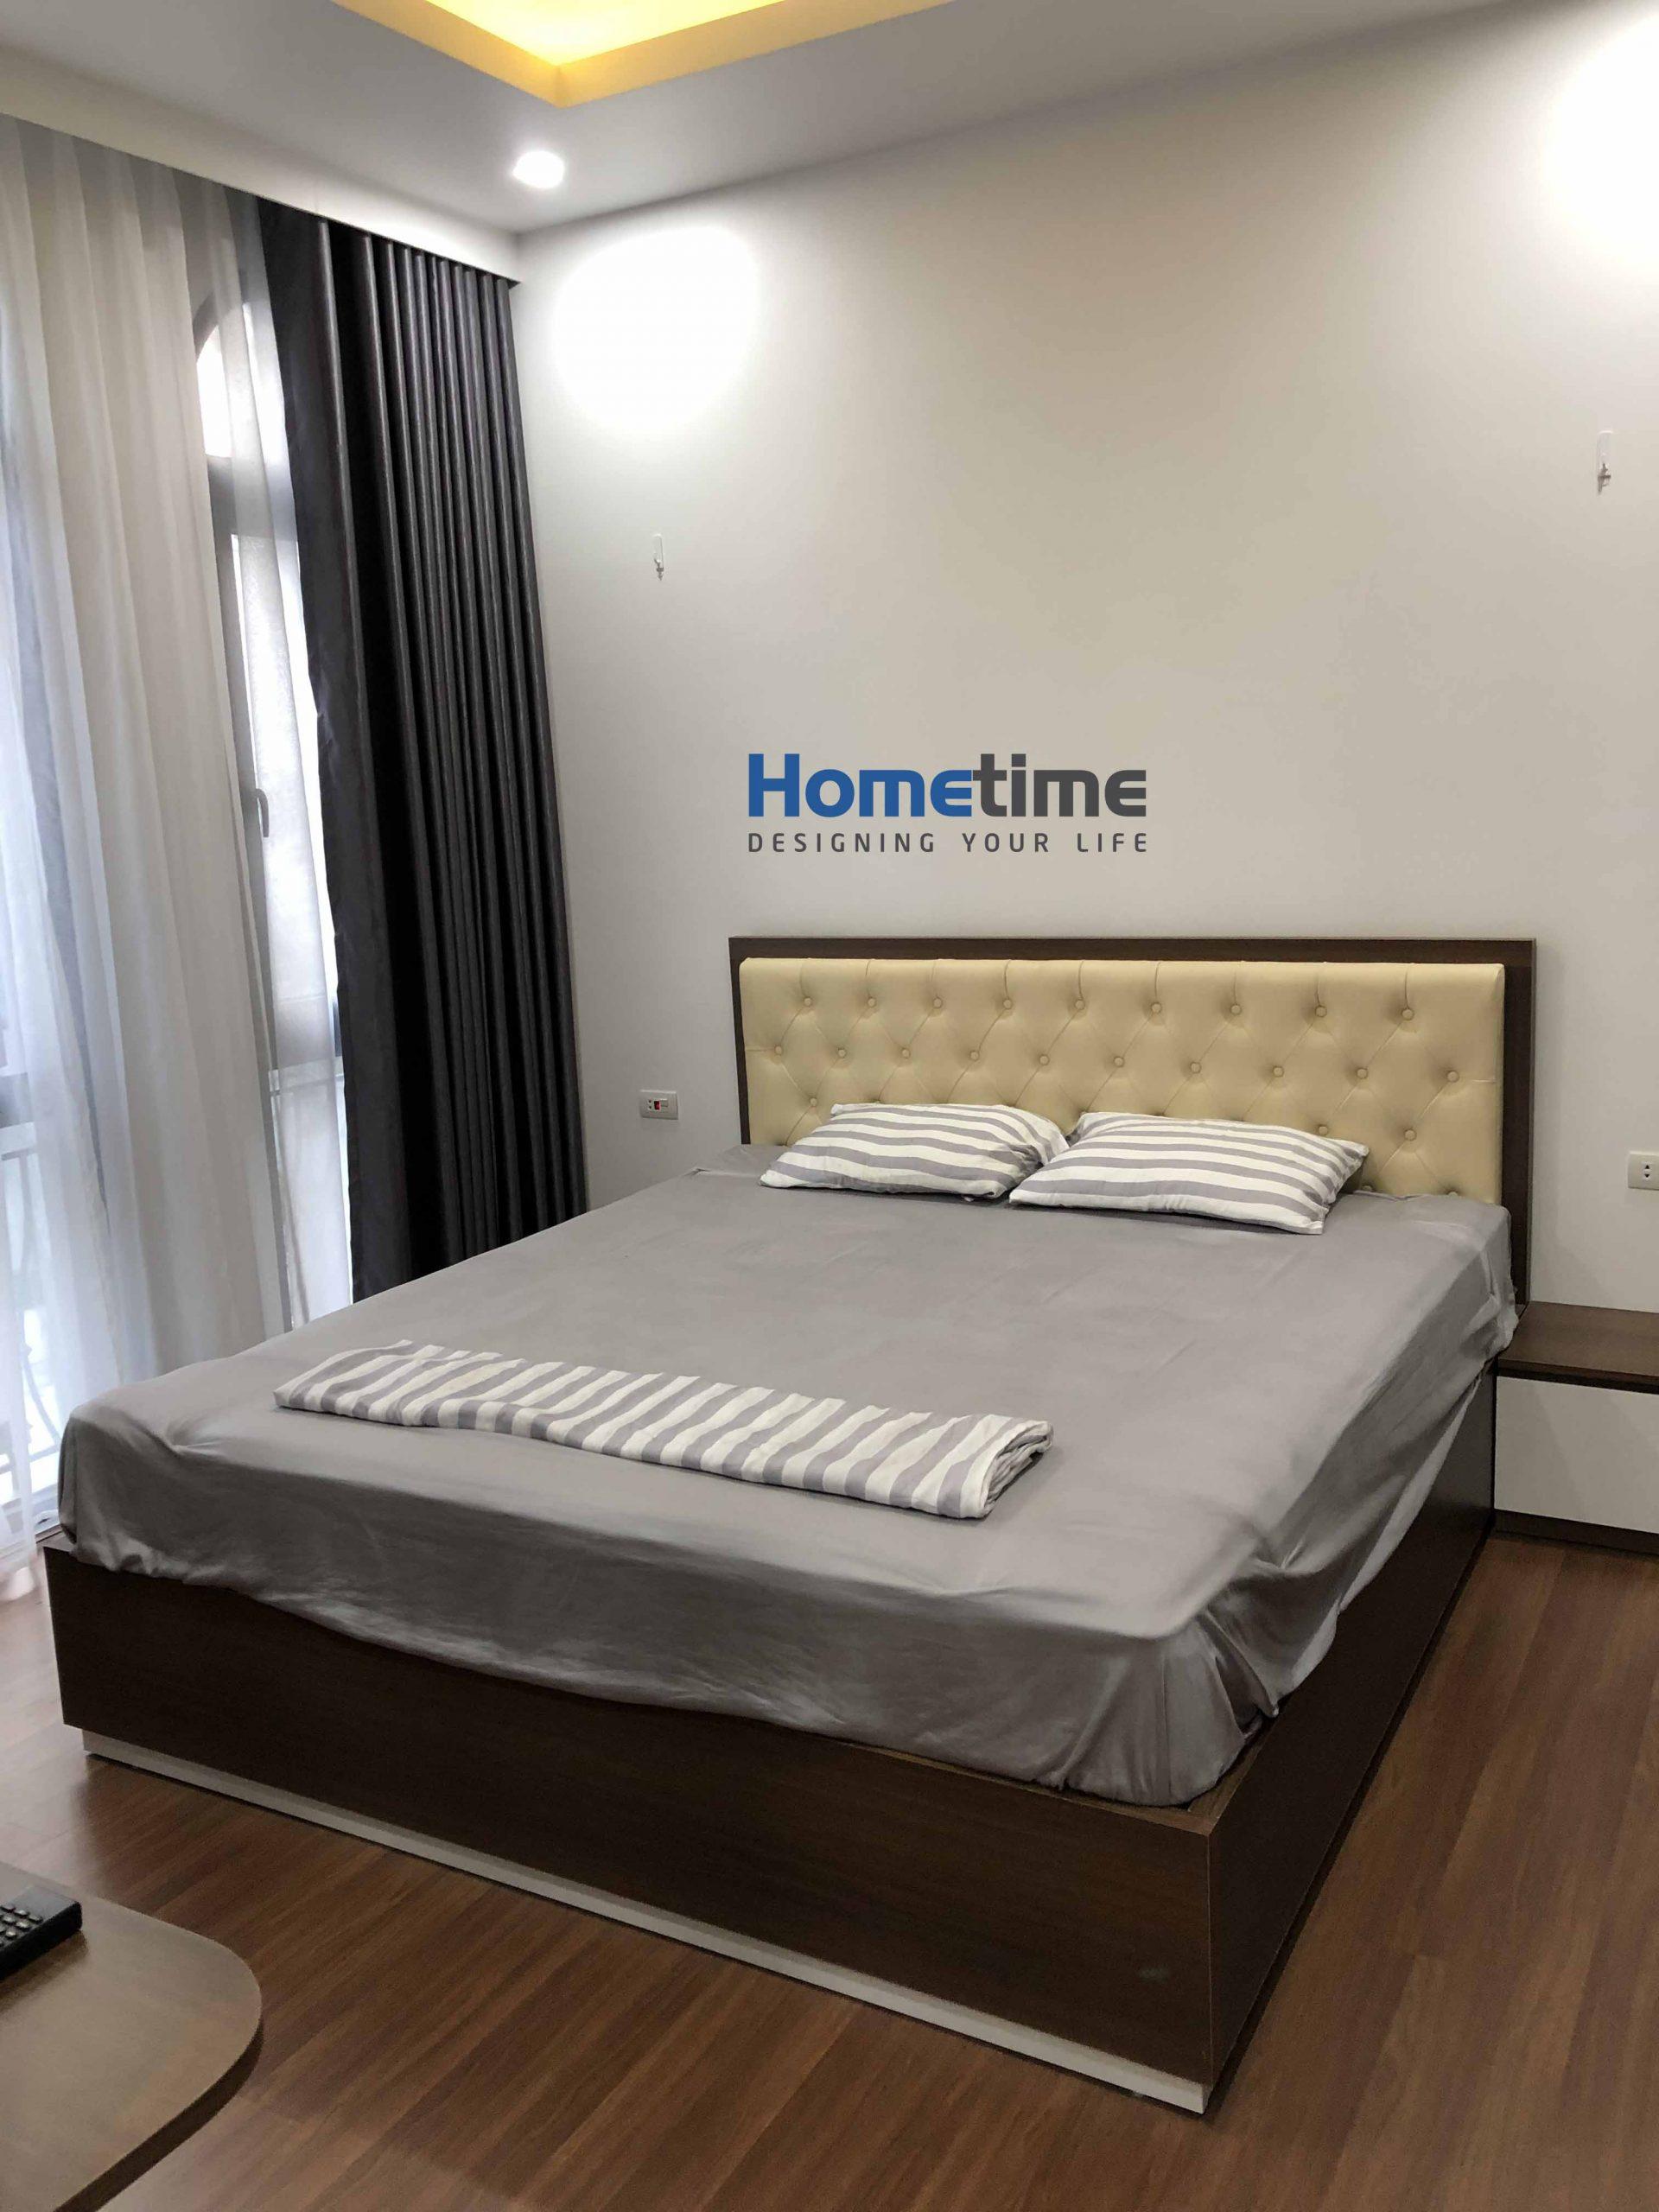 Giường ngủ làm gỗ MDF chống ẩm kết hợp đầu giường bọc da quả trám